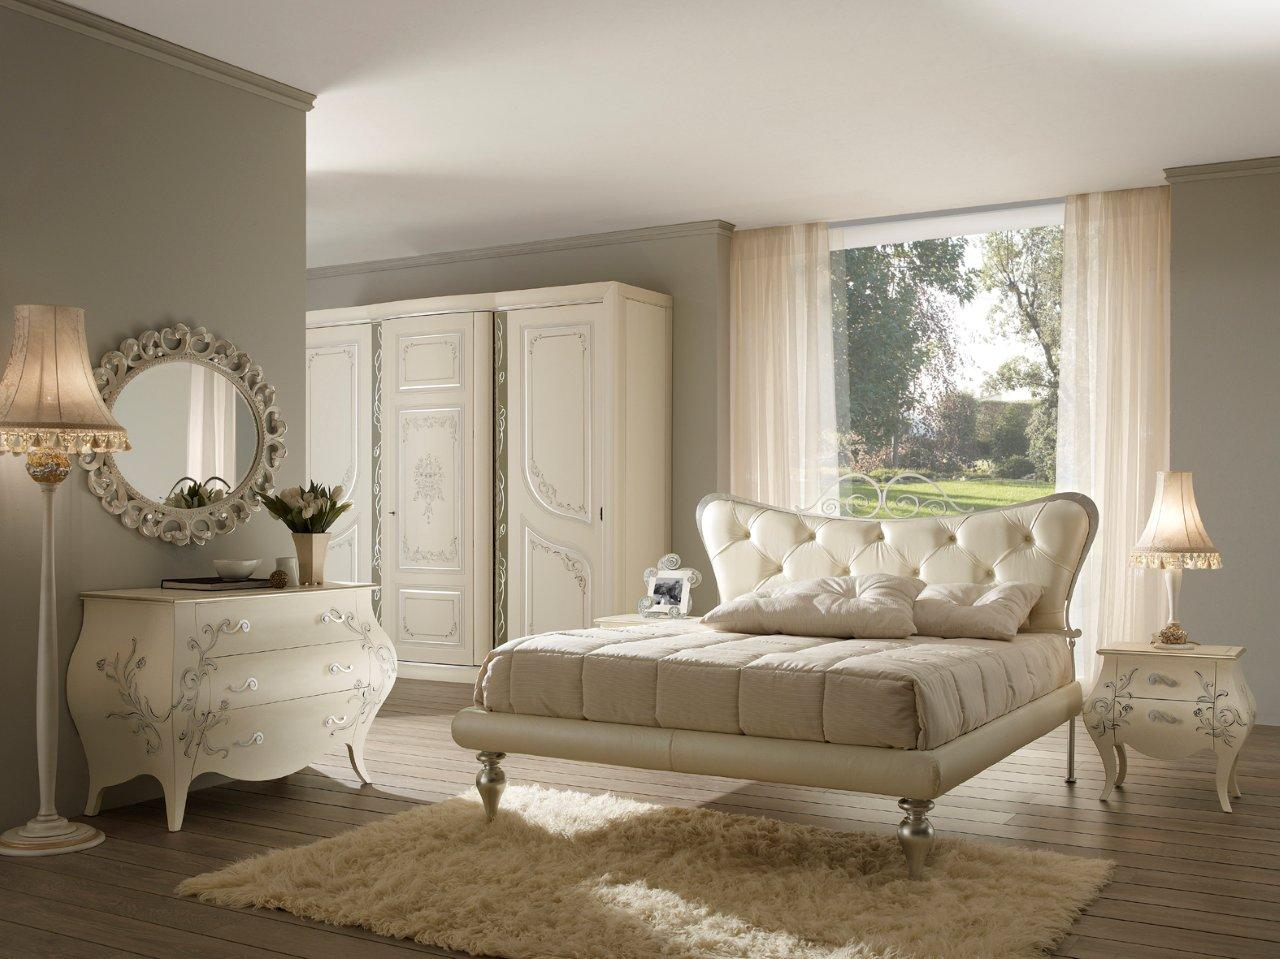 pratelli mobili alcuni mobili realizzati mobili su